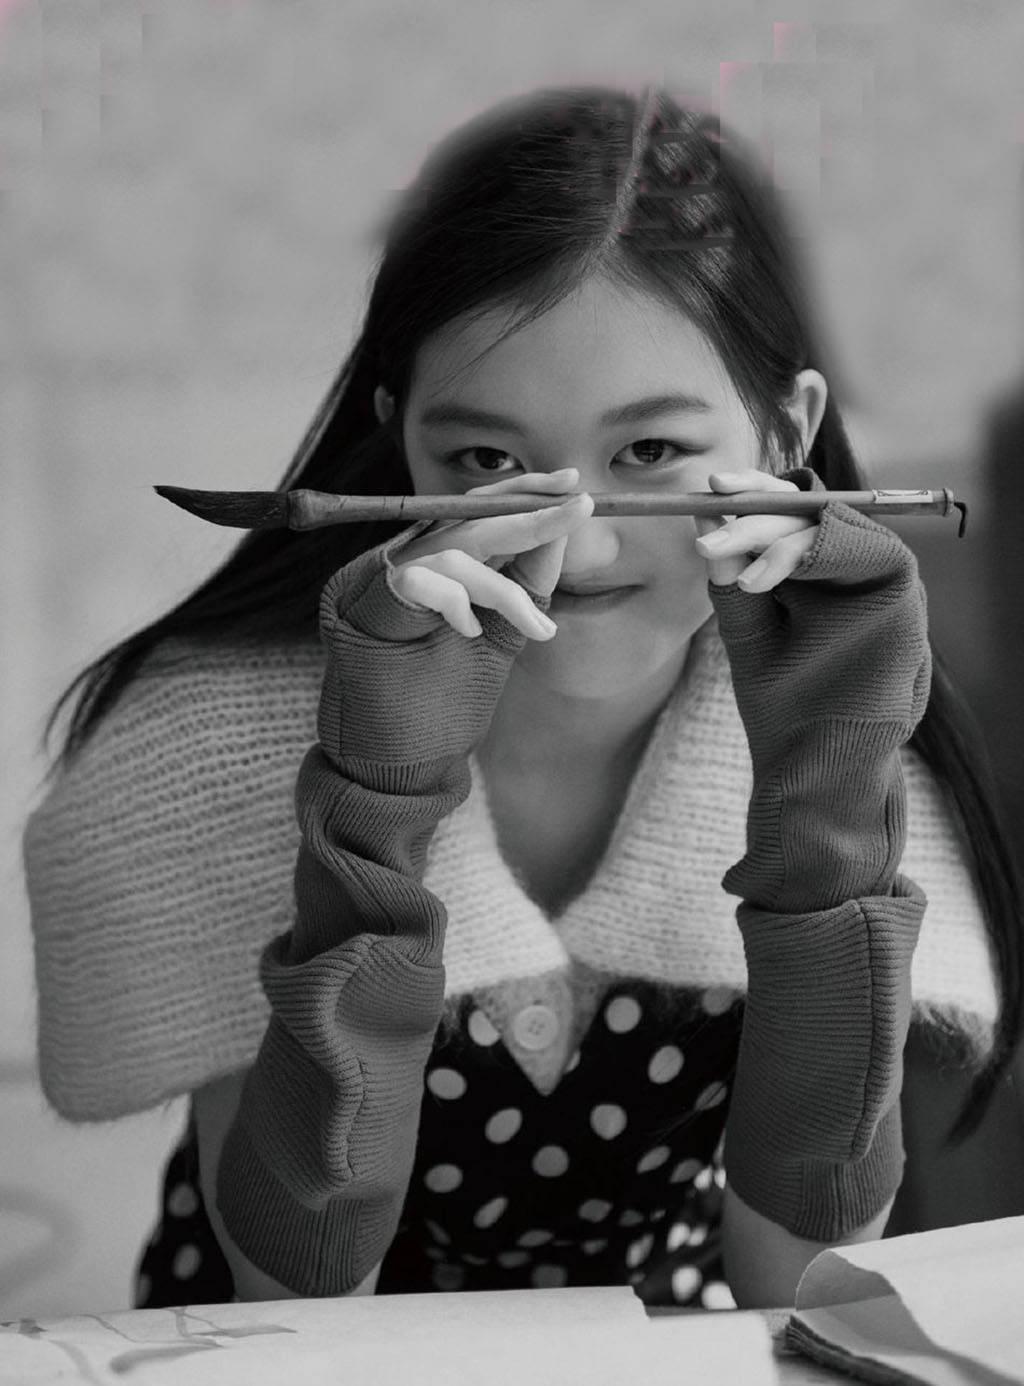 14岁李嫣美照暴光,再也不成心遮挡嘴唇,王菲李亚鹏多年支出没白搭(图7)